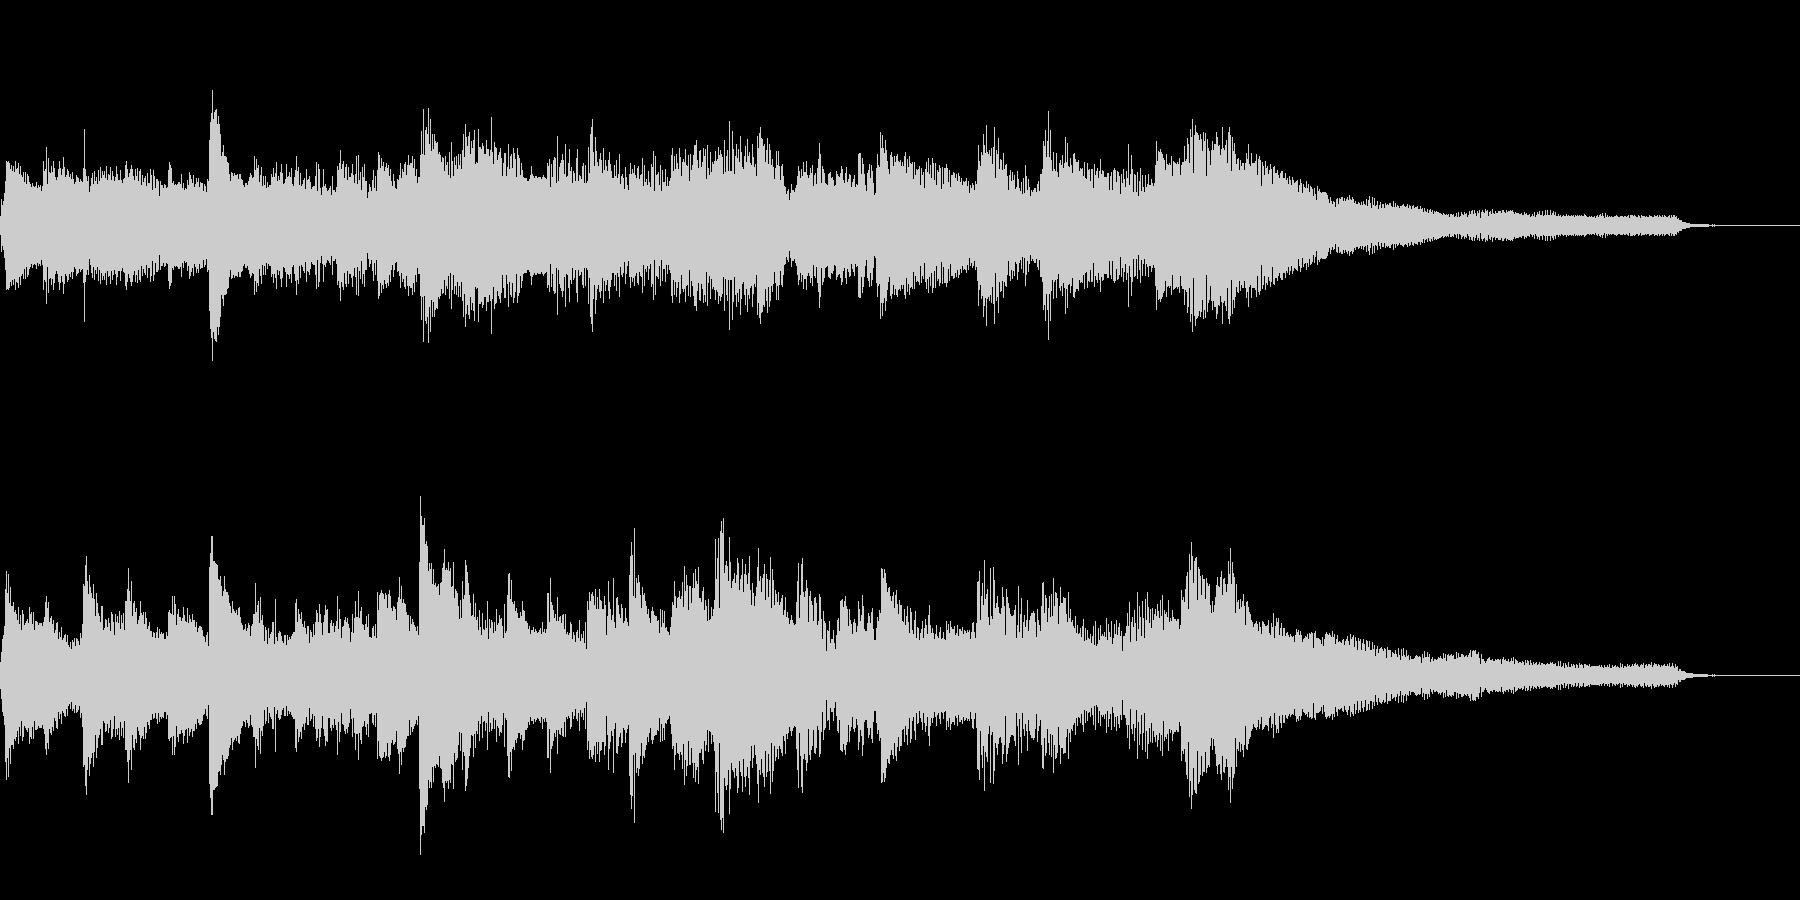 クラシック風ジングル30-ピアノソロ の未再生の波形